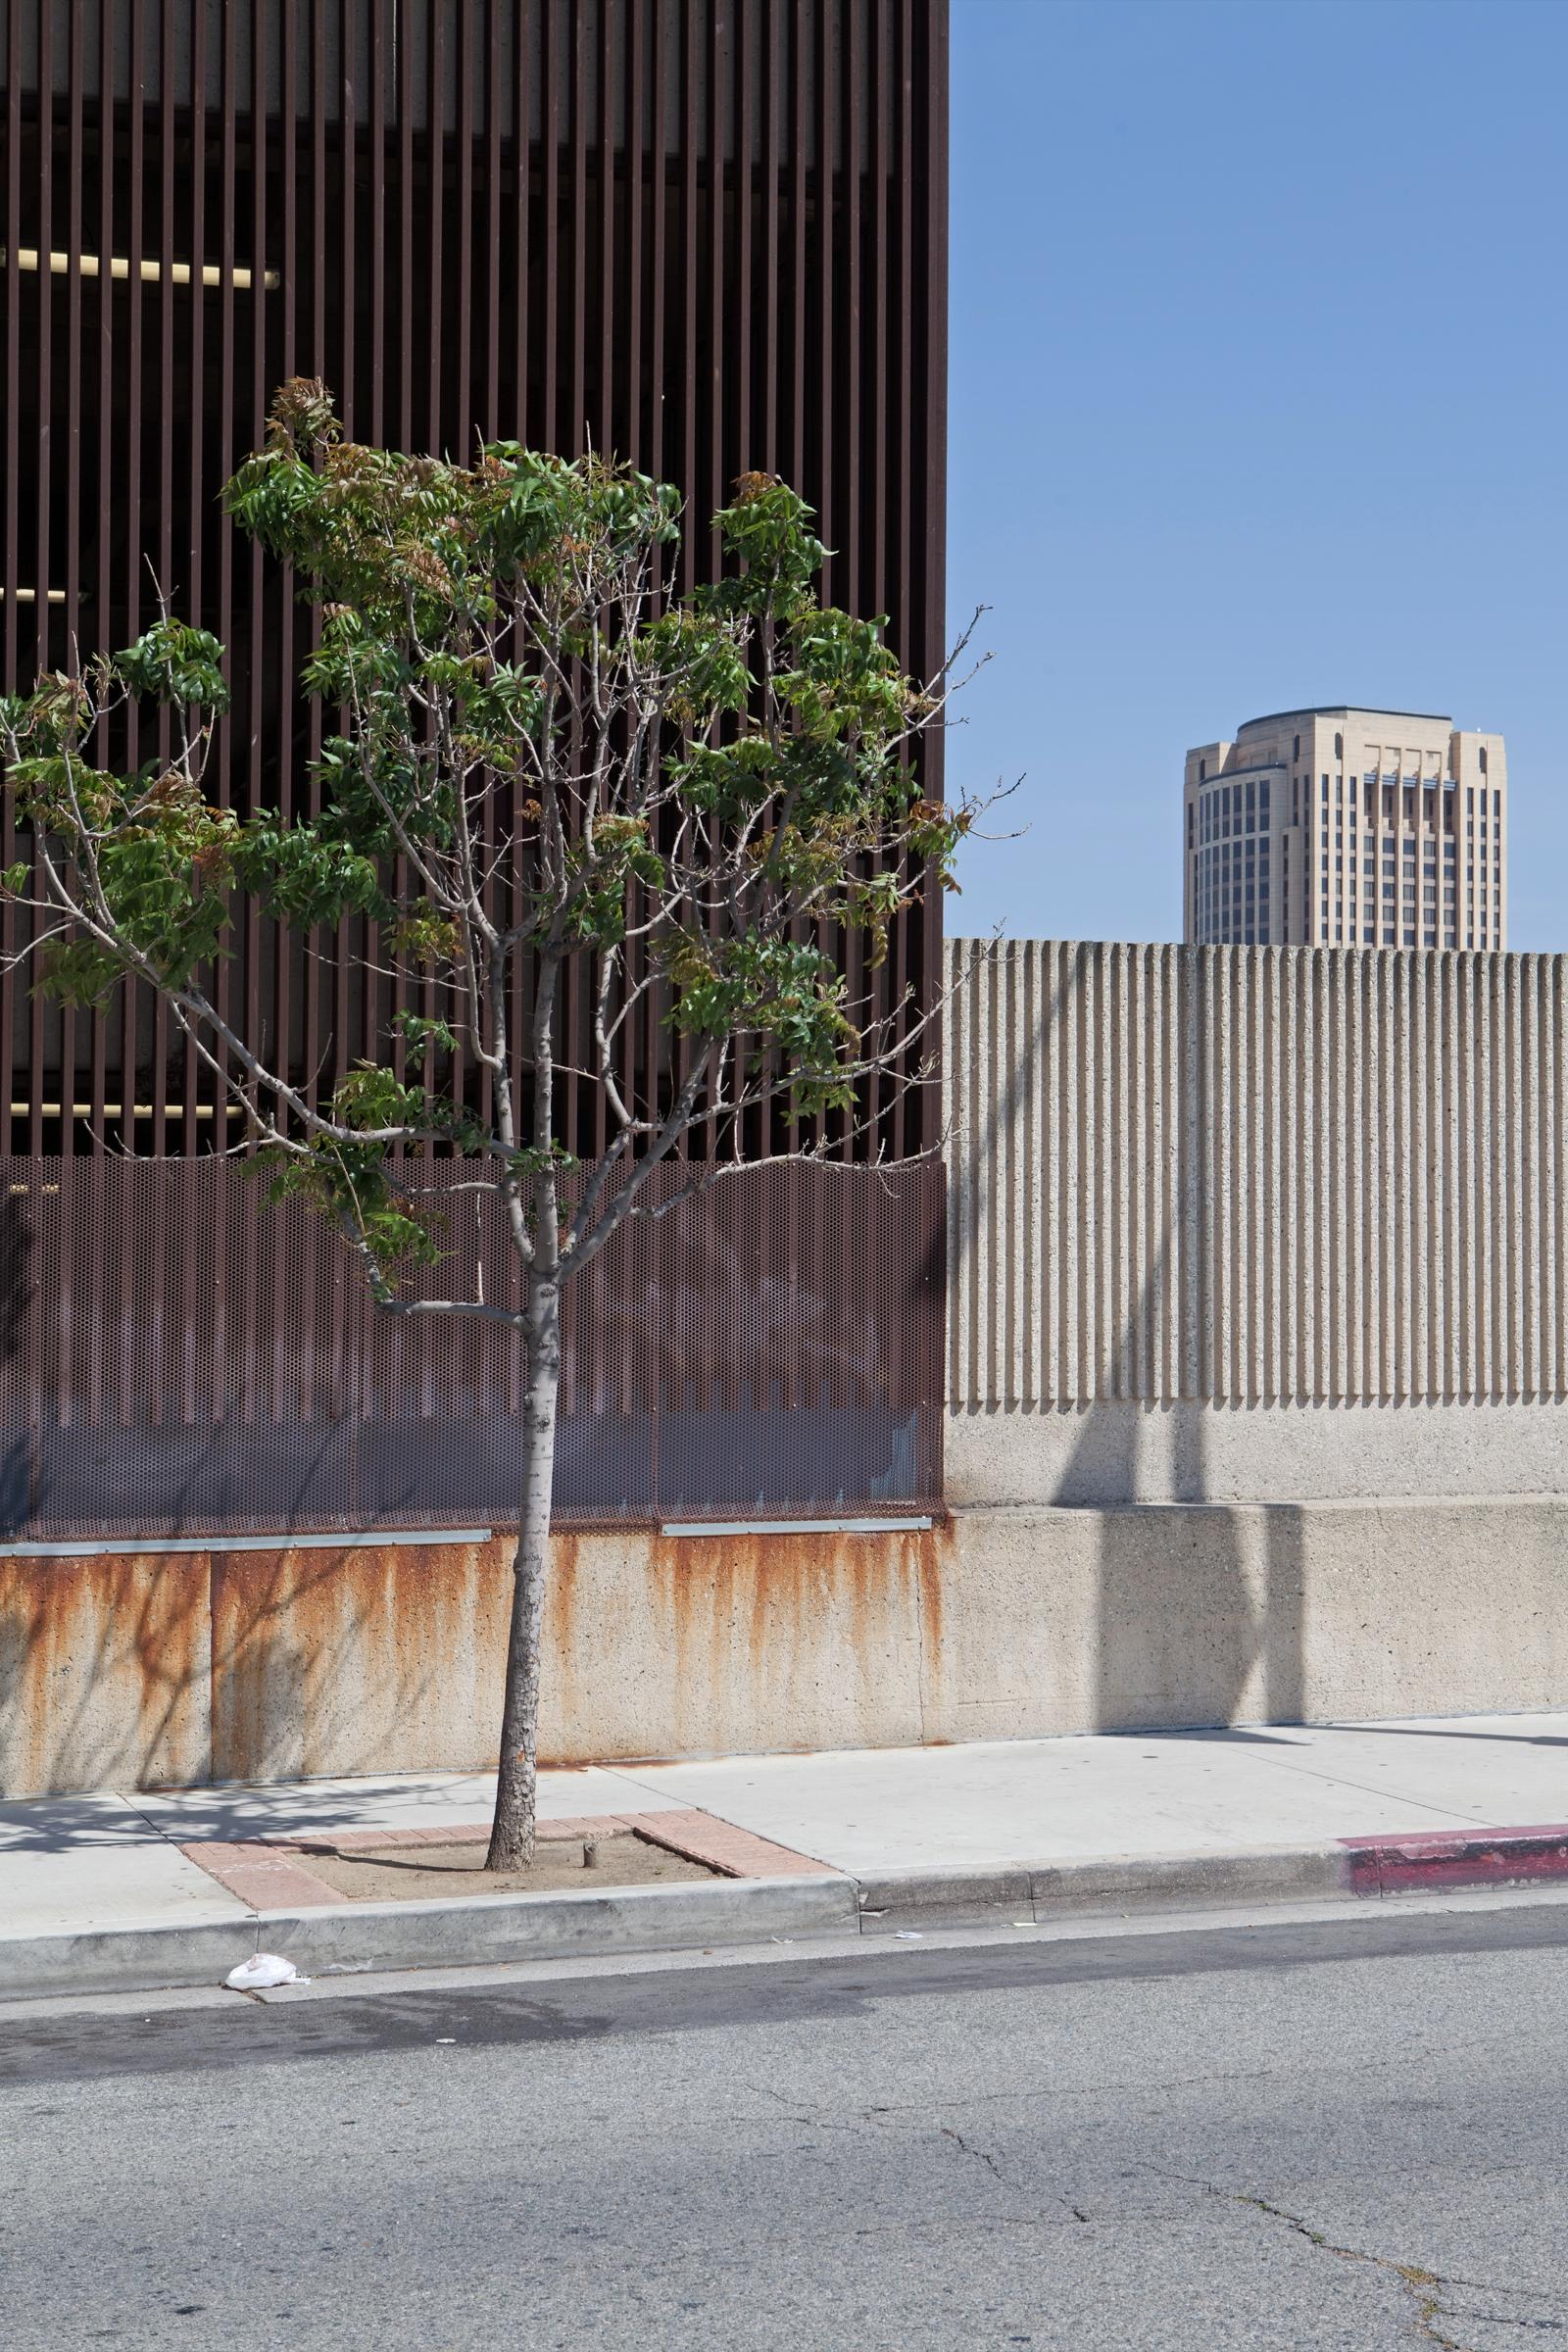 Tree, Parking Structure, Metro  - odouglas | ello